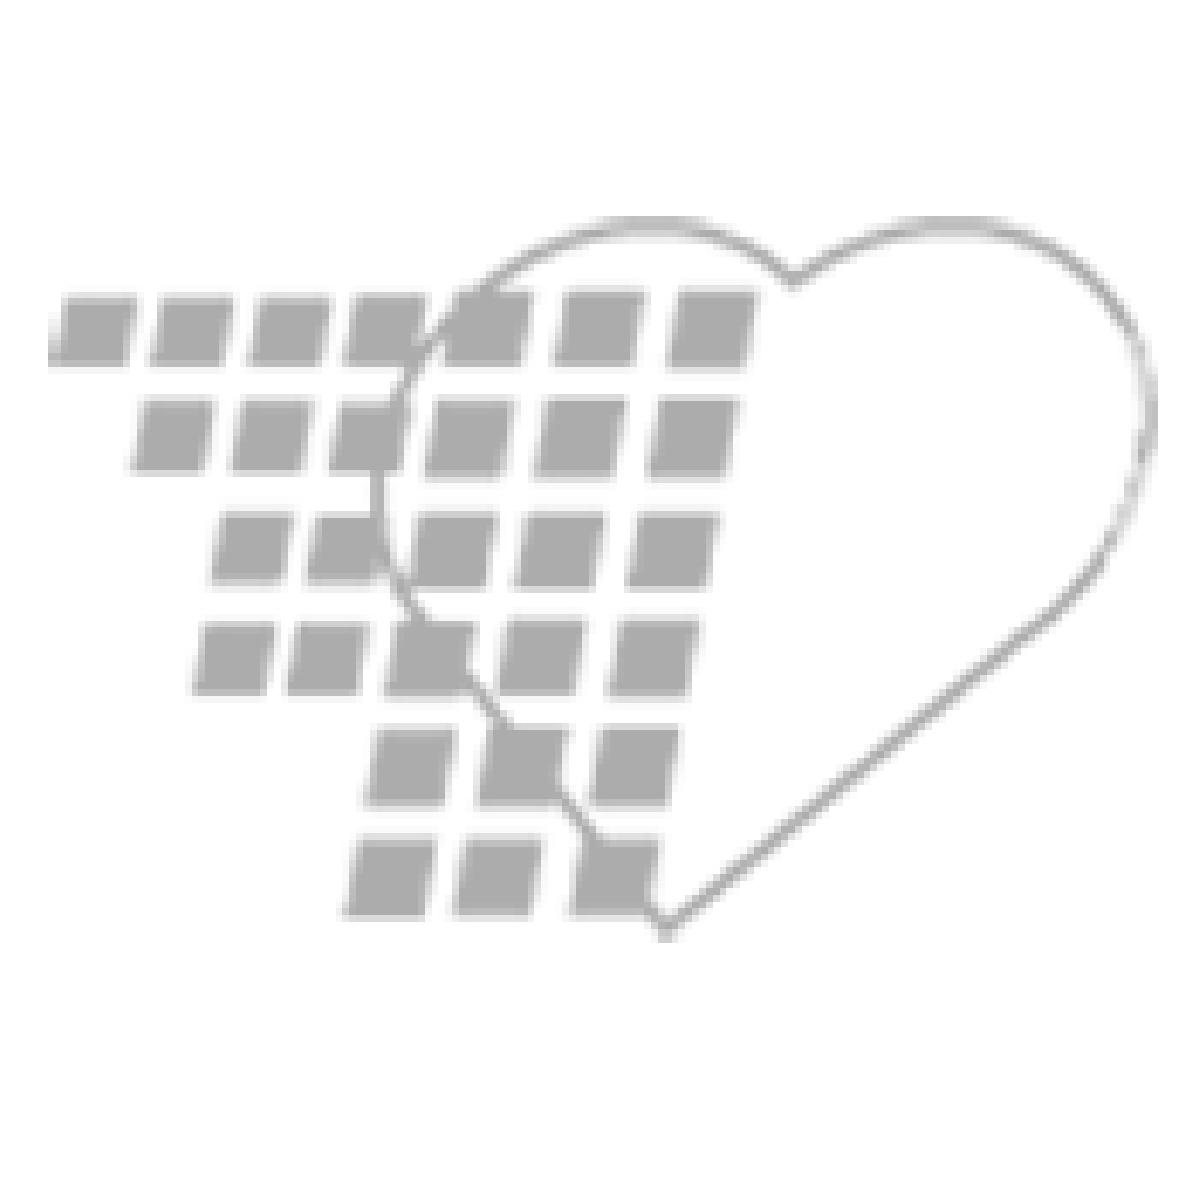 06-93-6921 - Demo Dose® Isopreterenl Isoprl 0.2mg mL 1mL